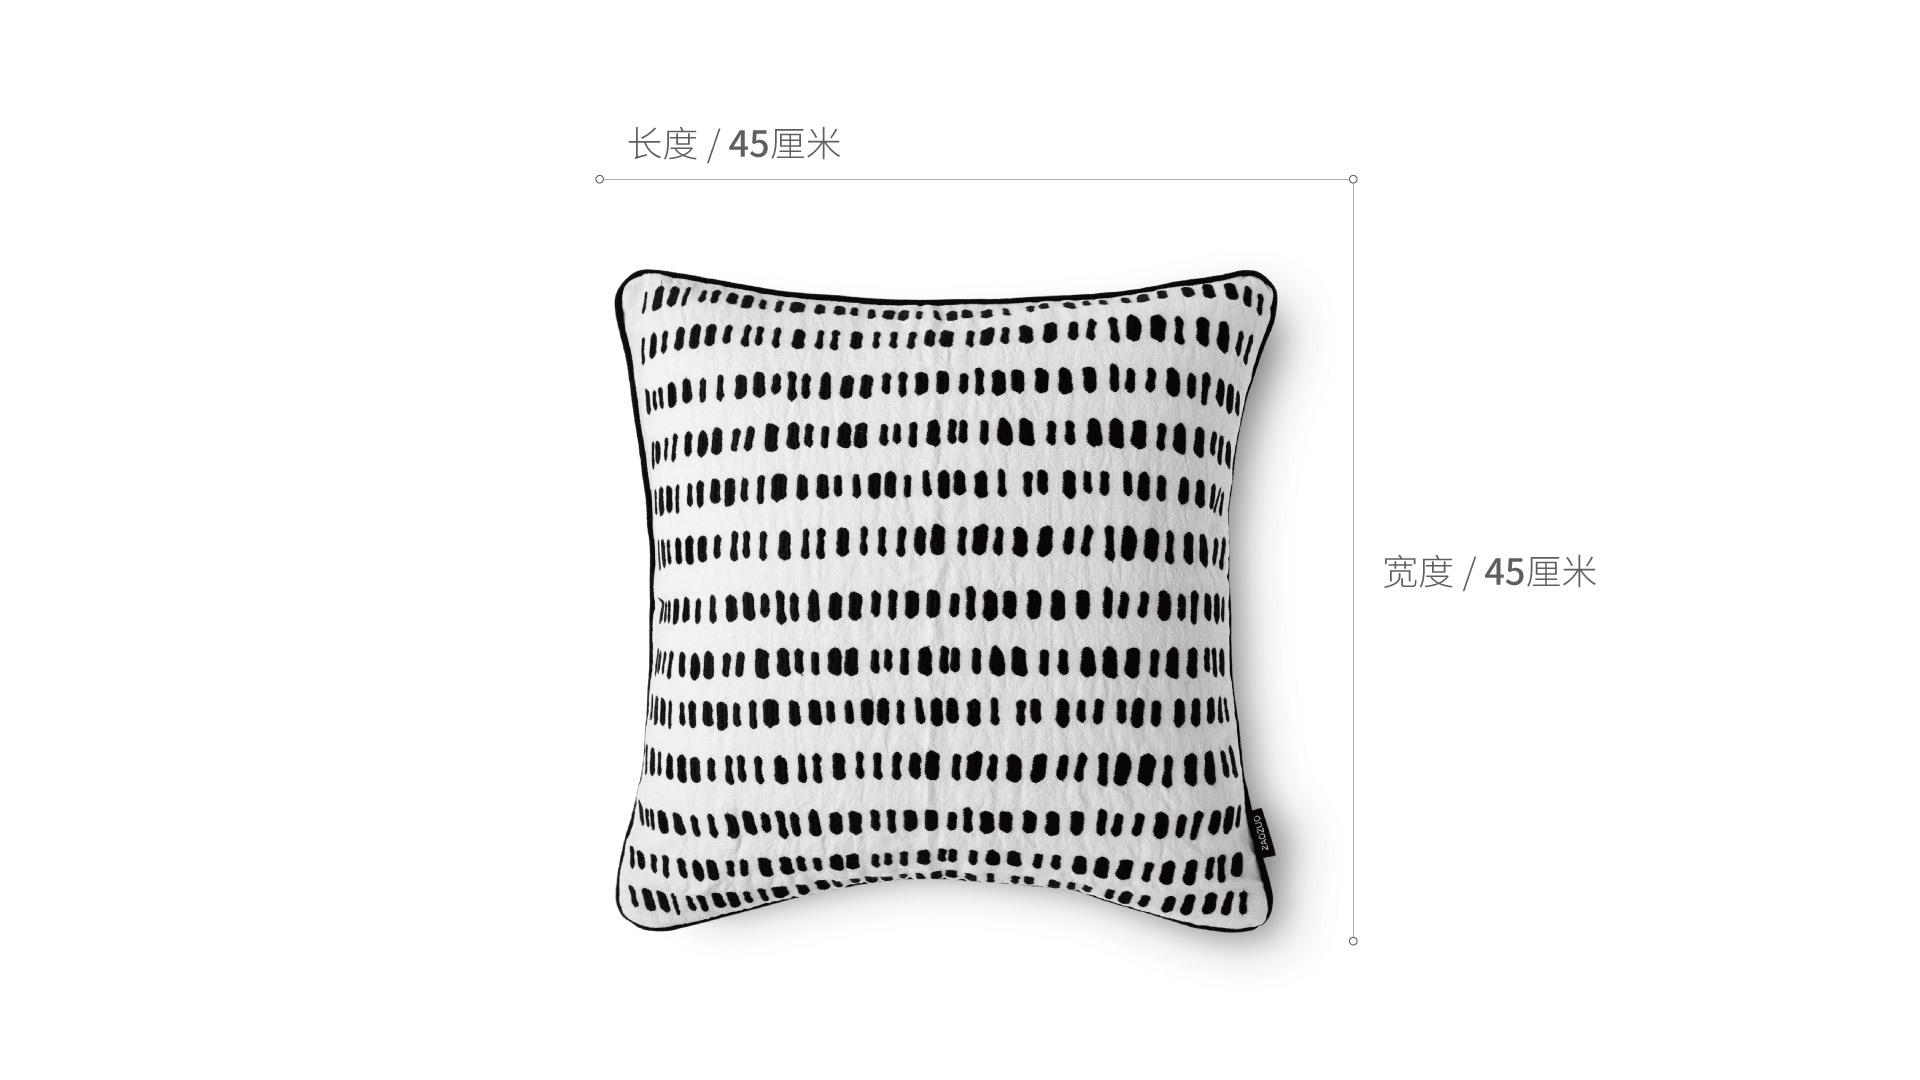 细语苎麻刺绣抱枕-谷雨细语苎麻刺绣抱枕 | 谷雨家纺效果图